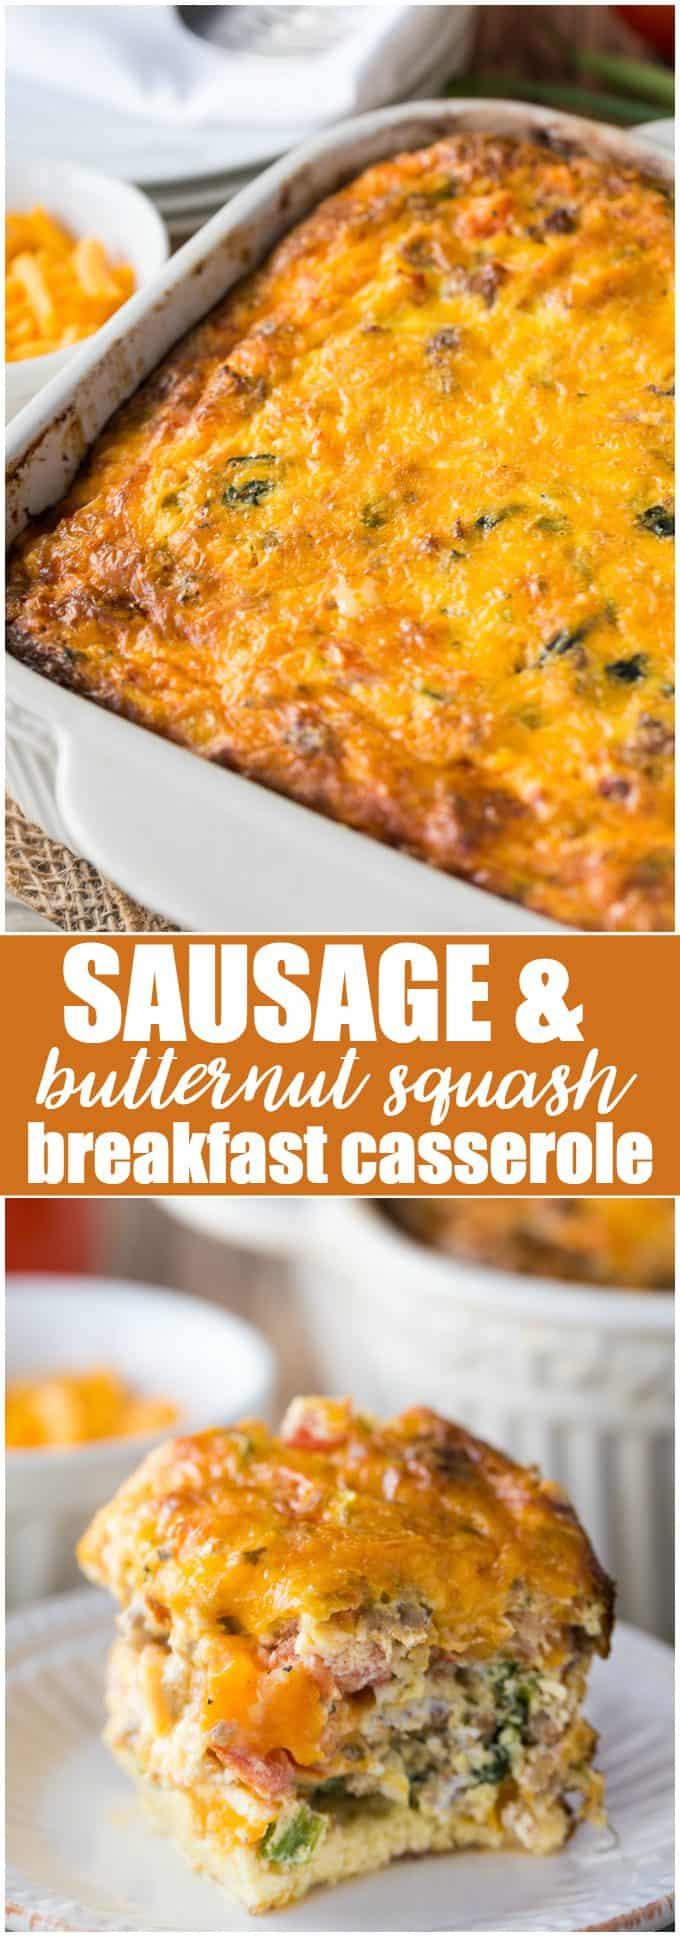 Sausage & Butternut Squash Breakfast Casserole - Butternut squash for breakfast? Yes! This sausage-laden breakfast casserole is a delicious twist on a traditional breakfast casserole.